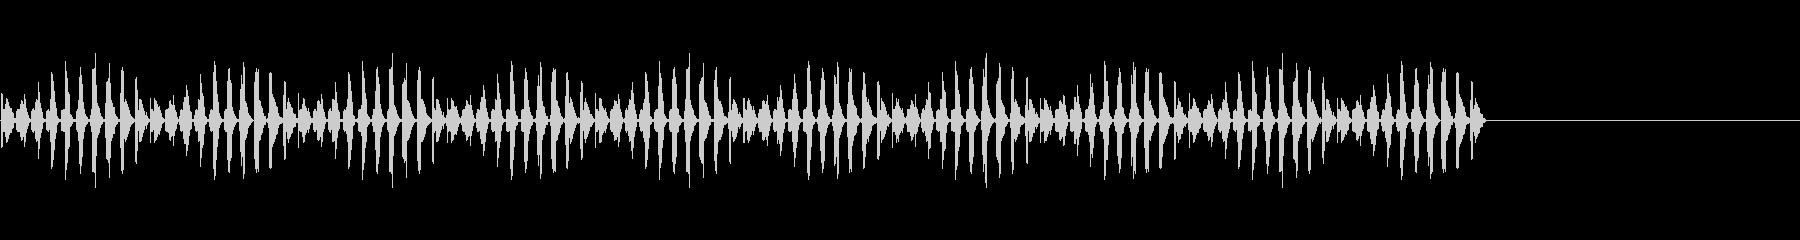 シンセアラーム;シャープなヒットと...の未再生の波形